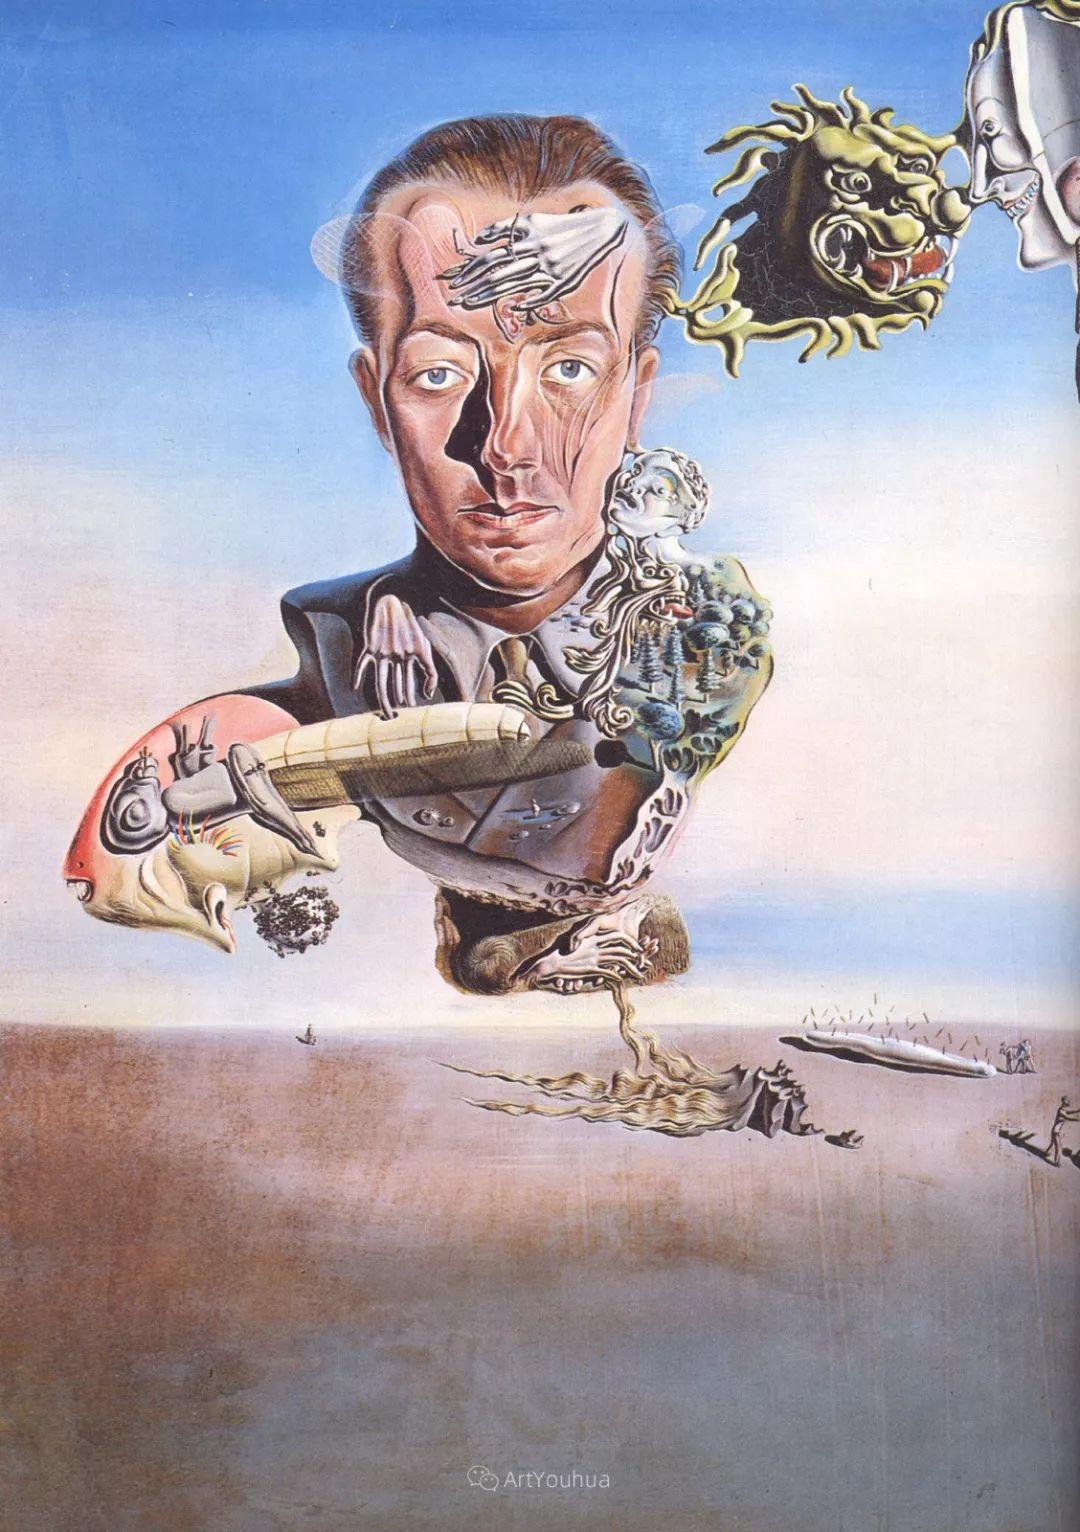 达利:我是天才,所以没有死亡的权利;天才会死,天才的作品不朽插图115